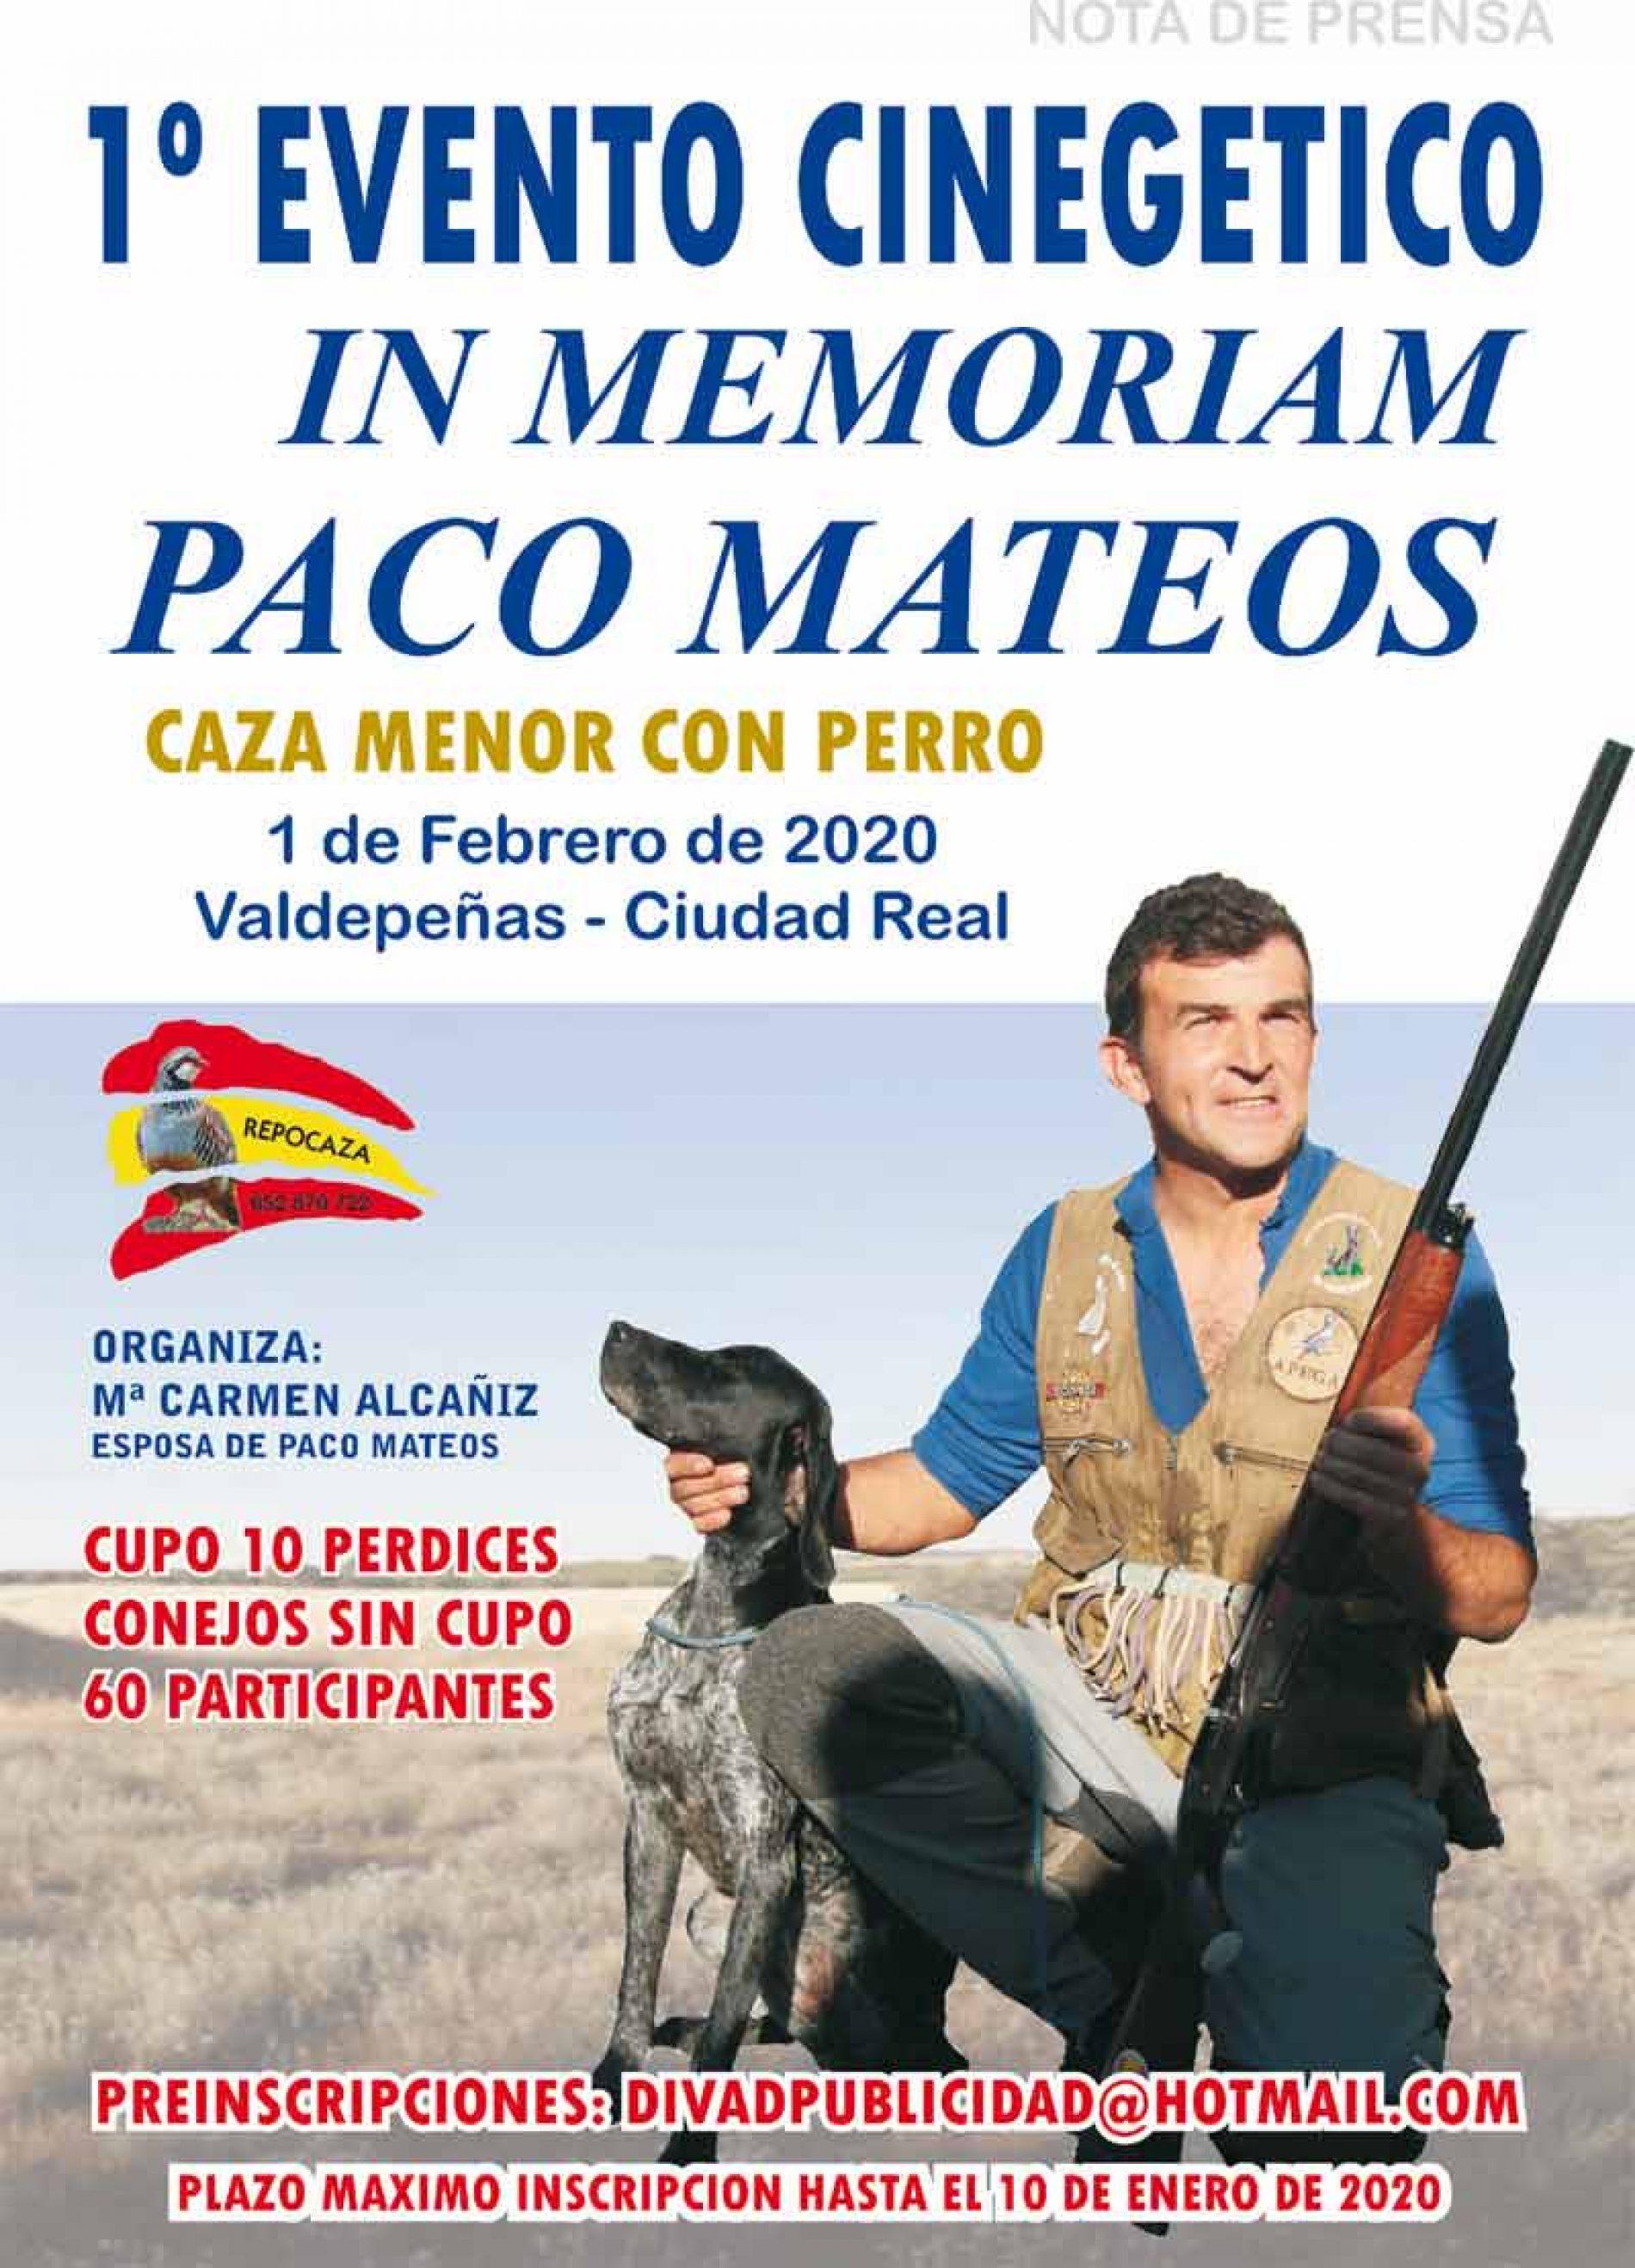 I Evento Cinegético In Memoriam Paco Mateos de caza menor con perro